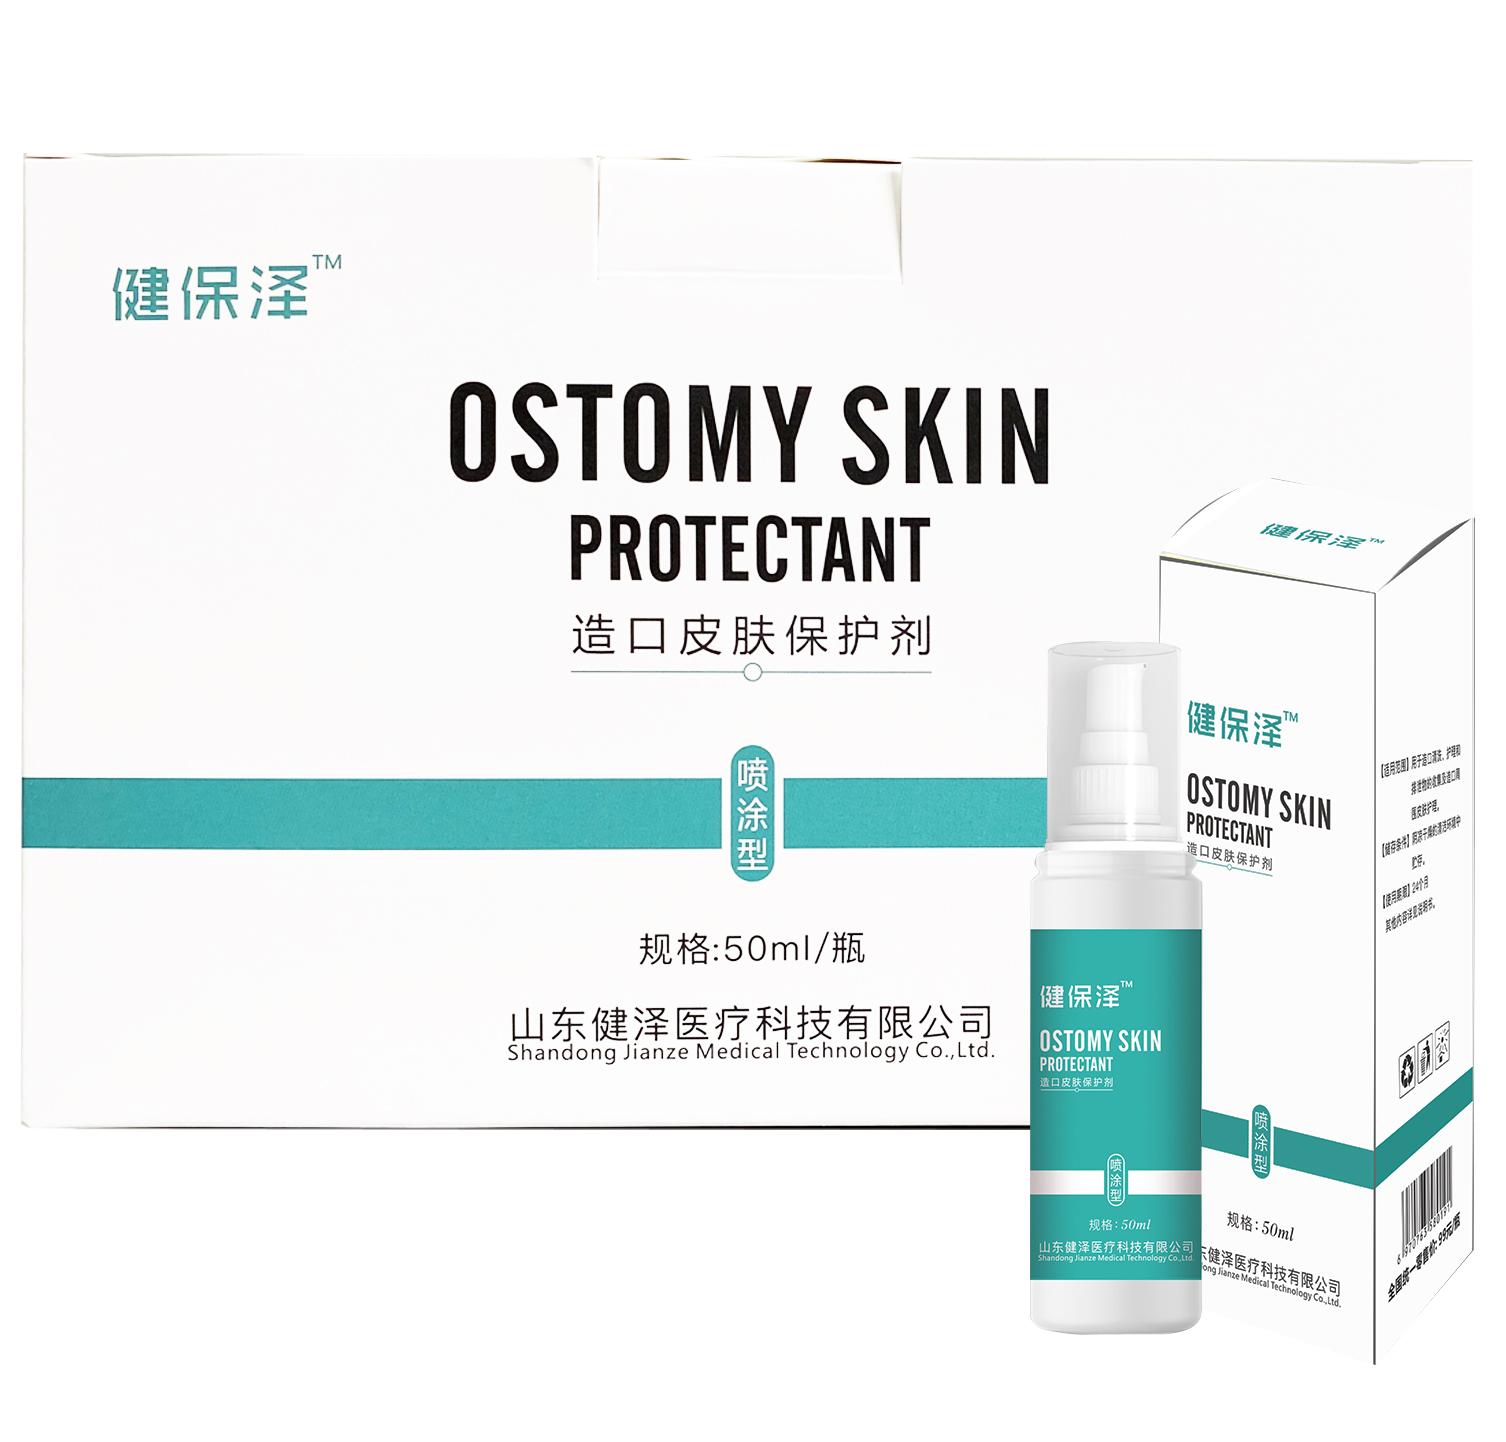 造口皮膚保護劑